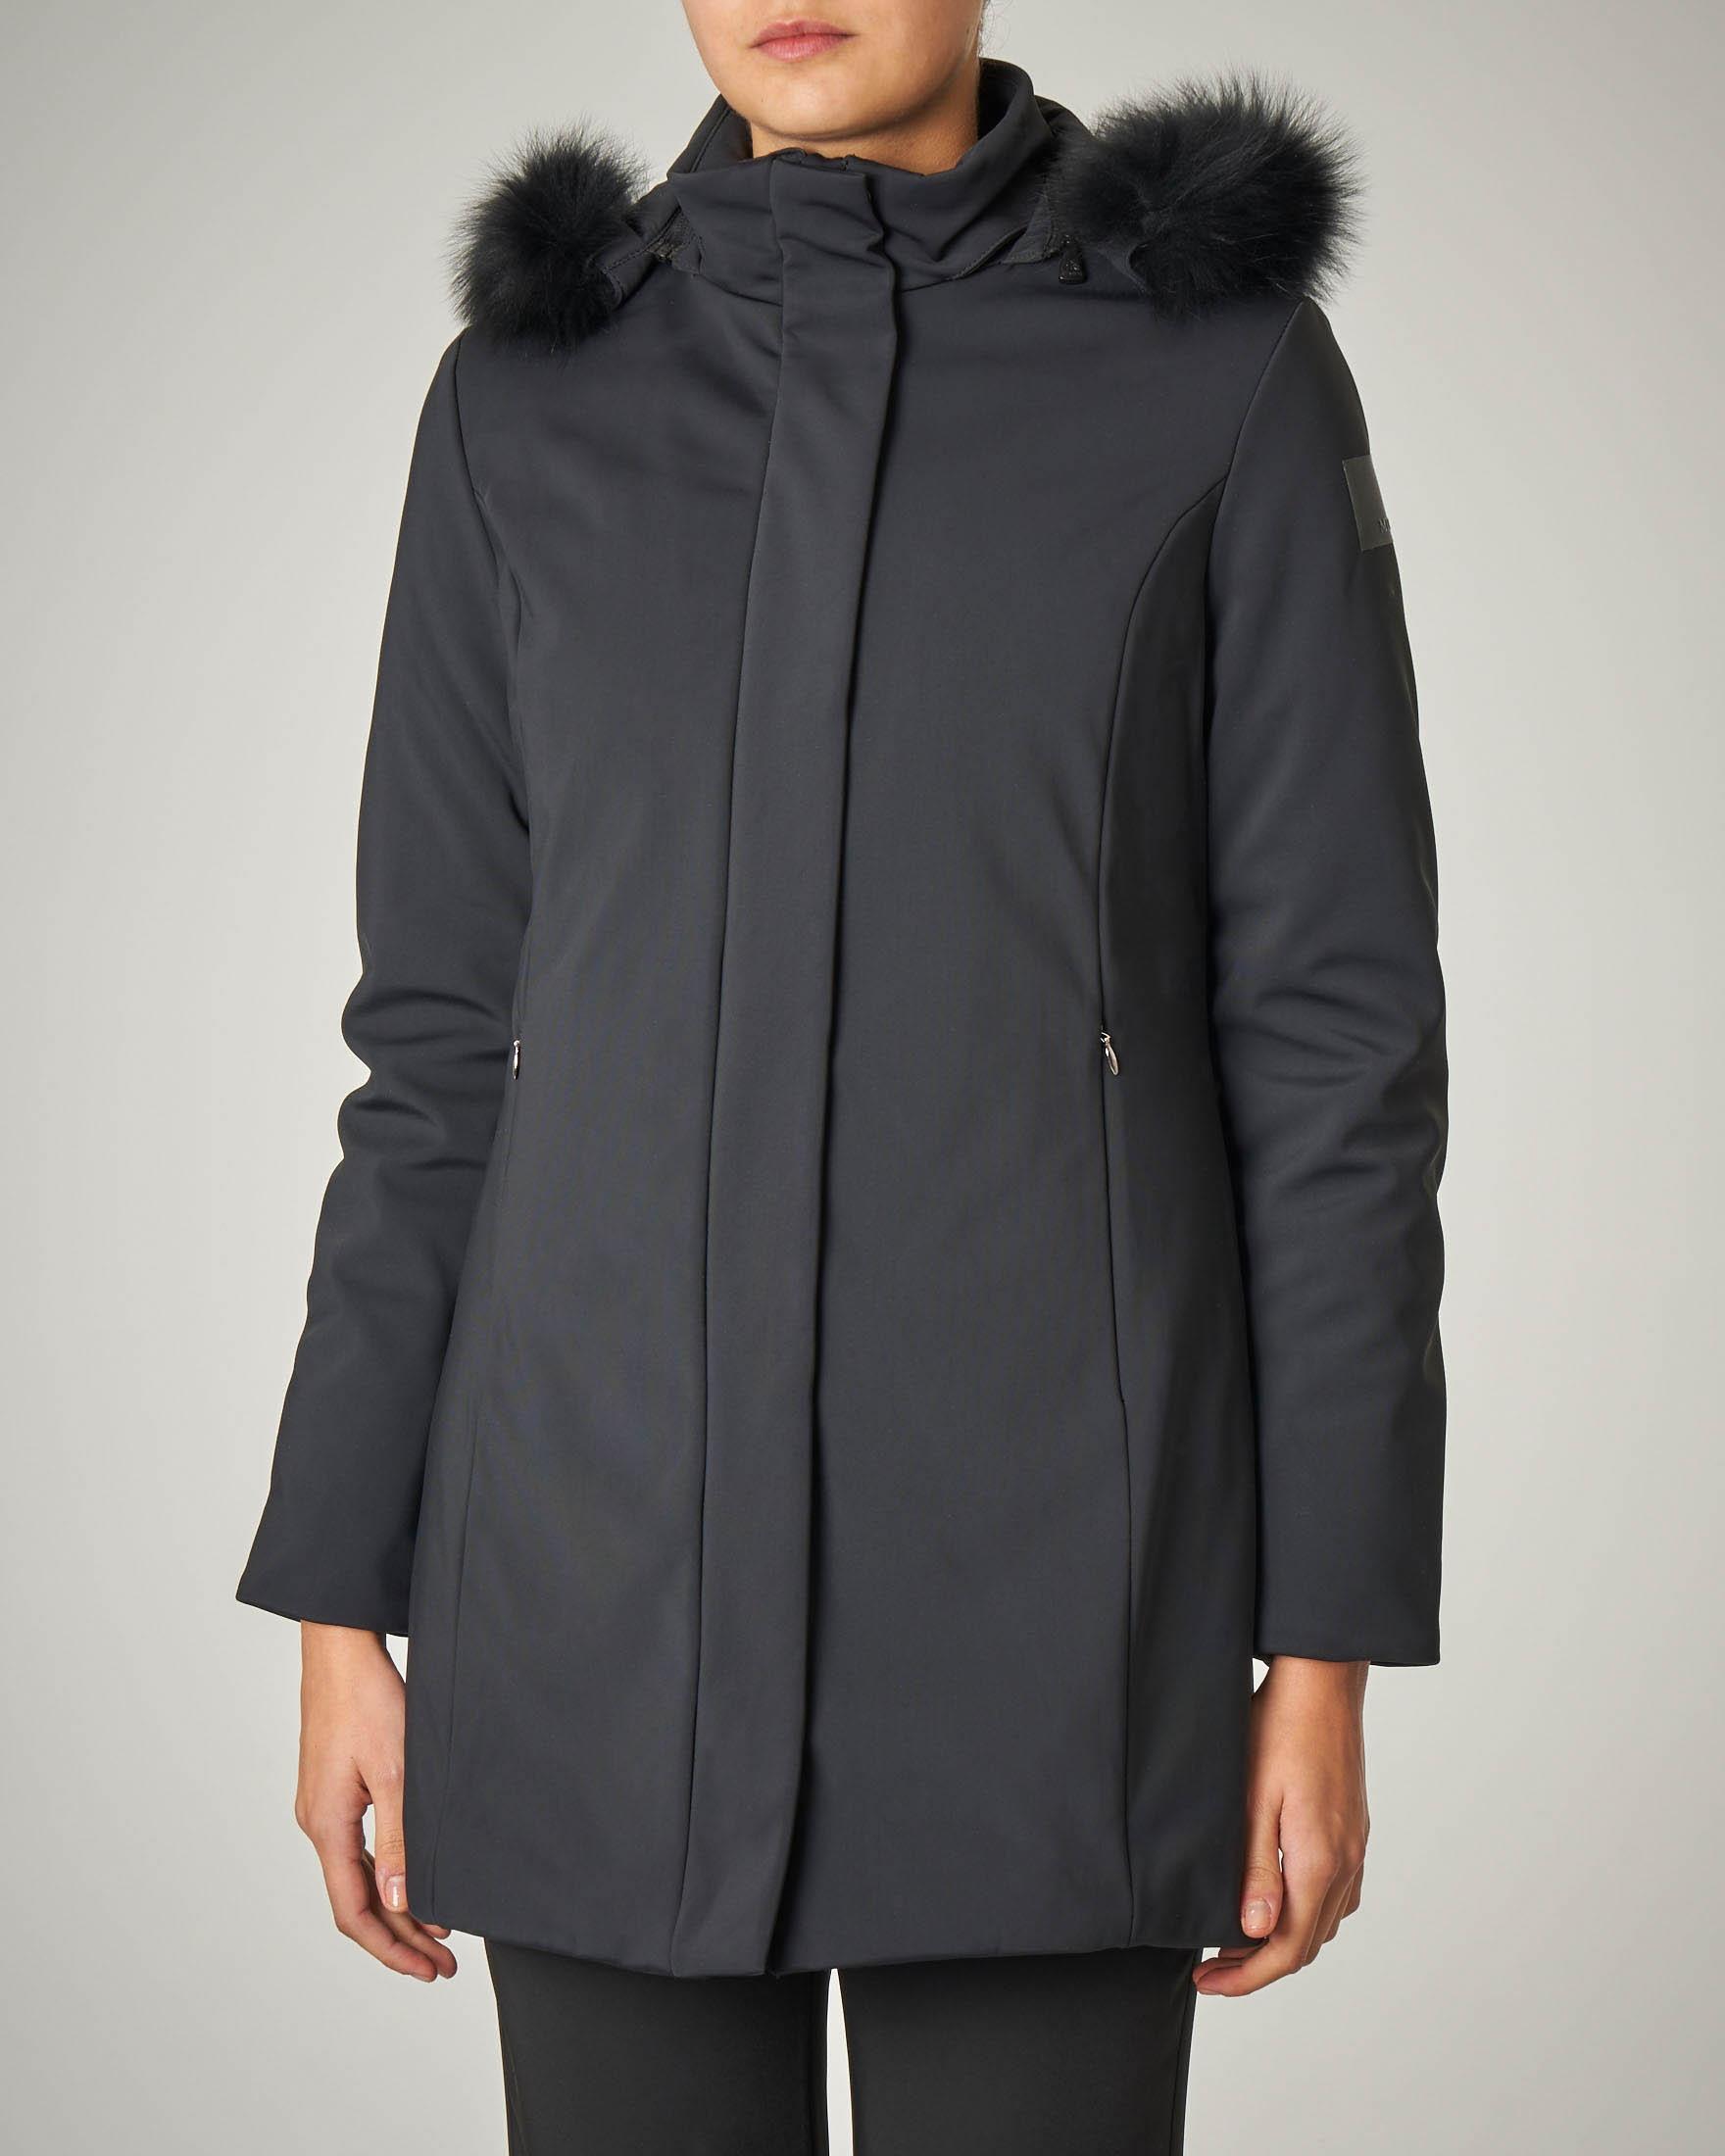 Cappotto nero imbottito con cappuccio con bordo in volpe